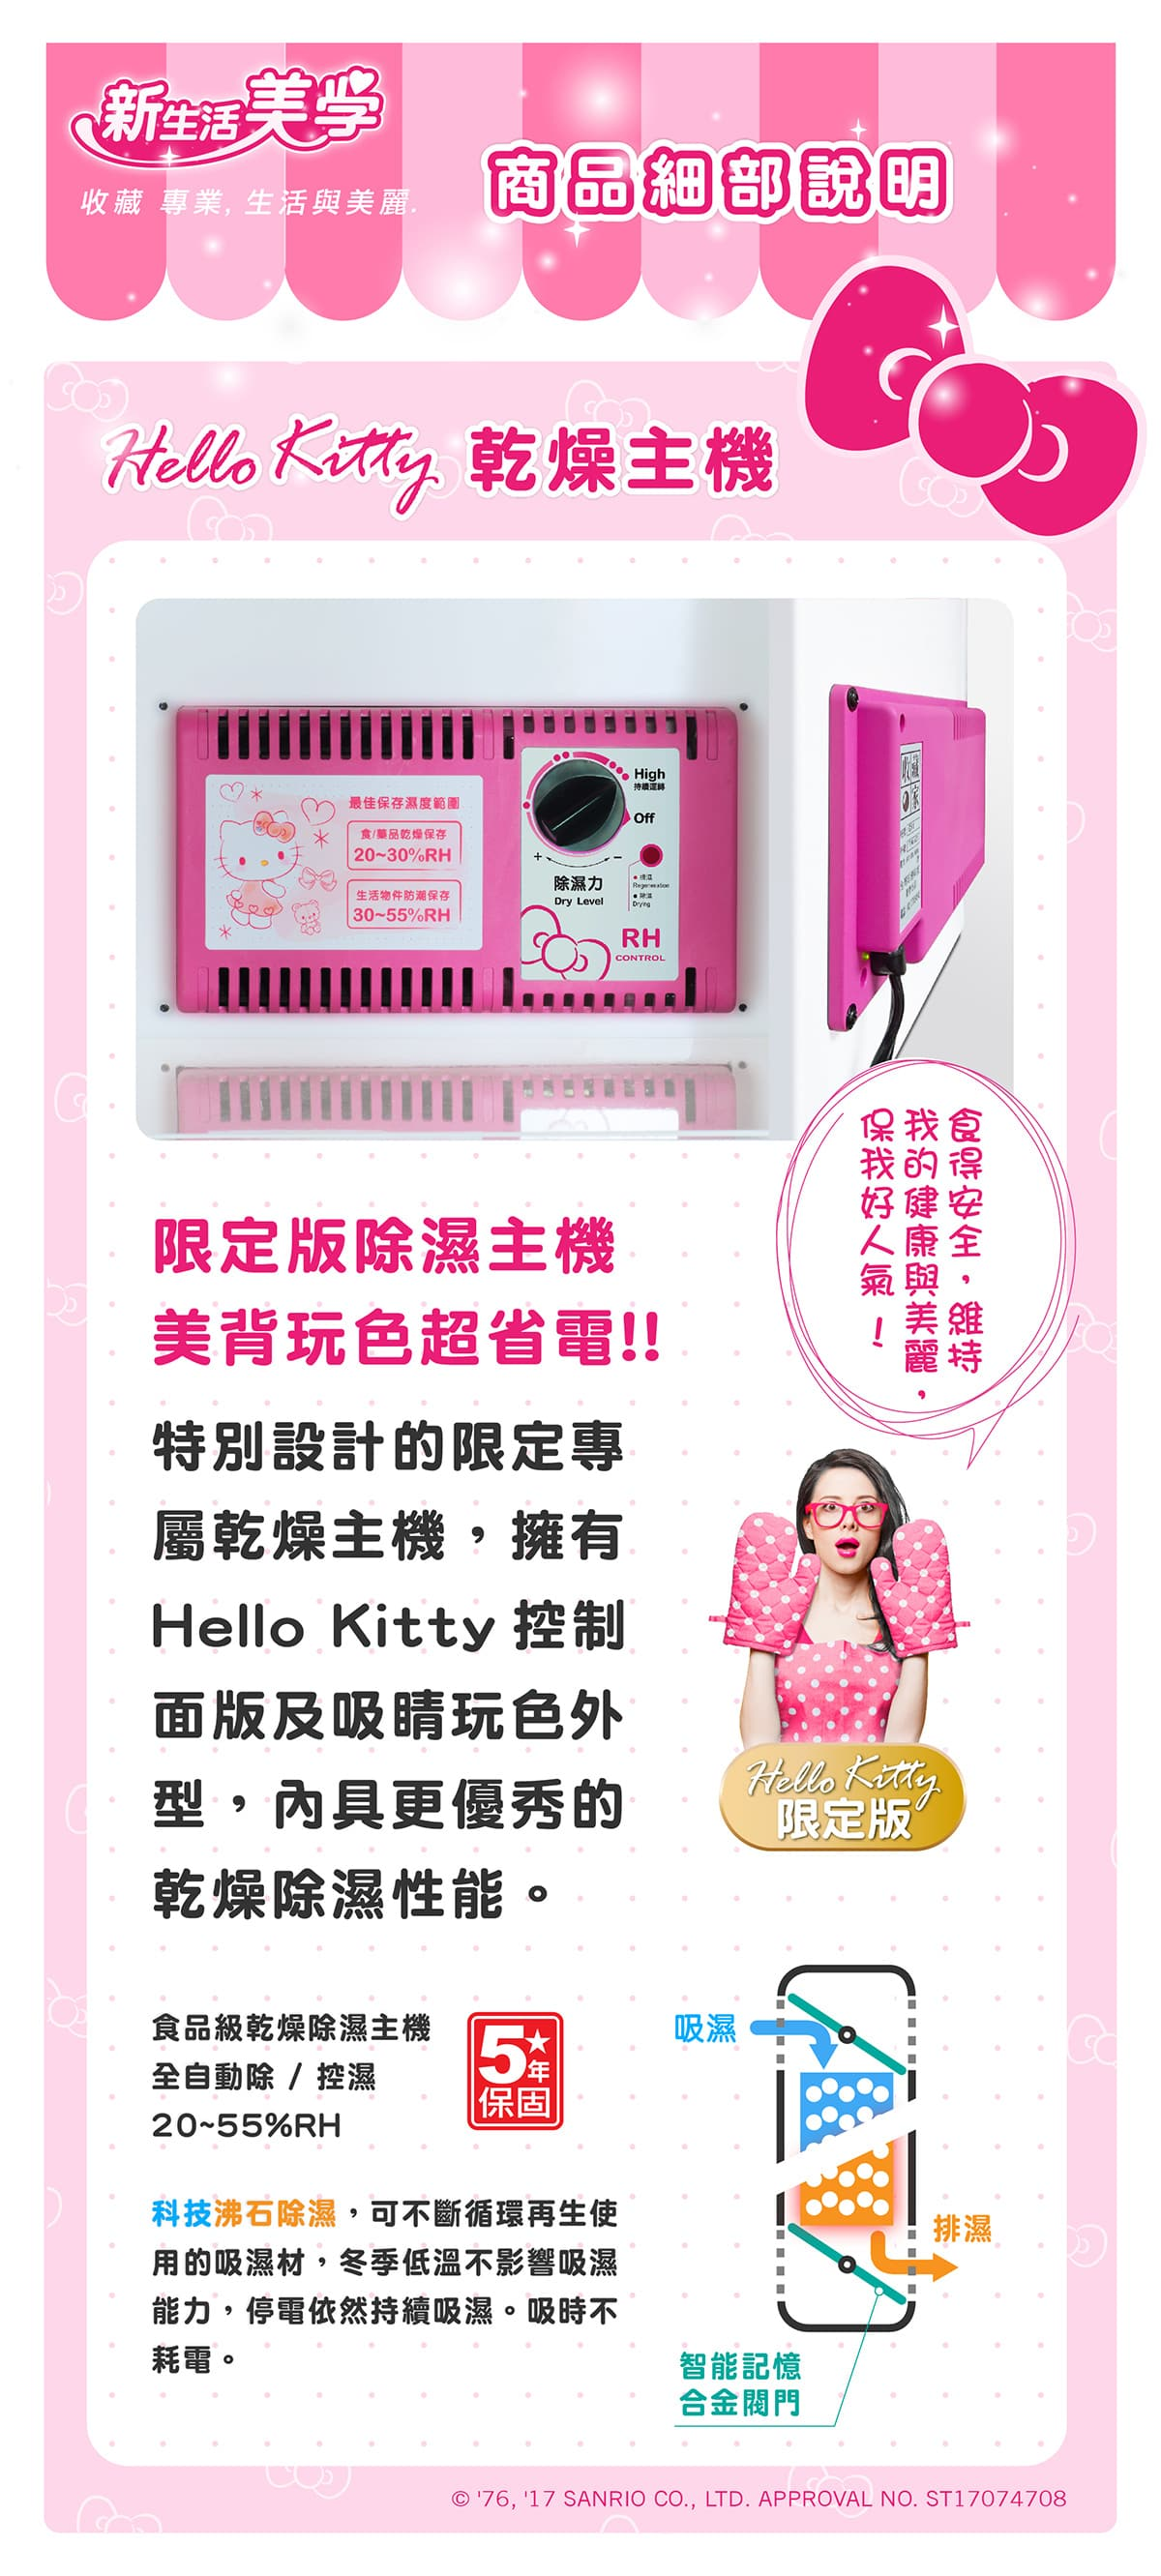 2017 0822 KT 23P 產品說明頁 05